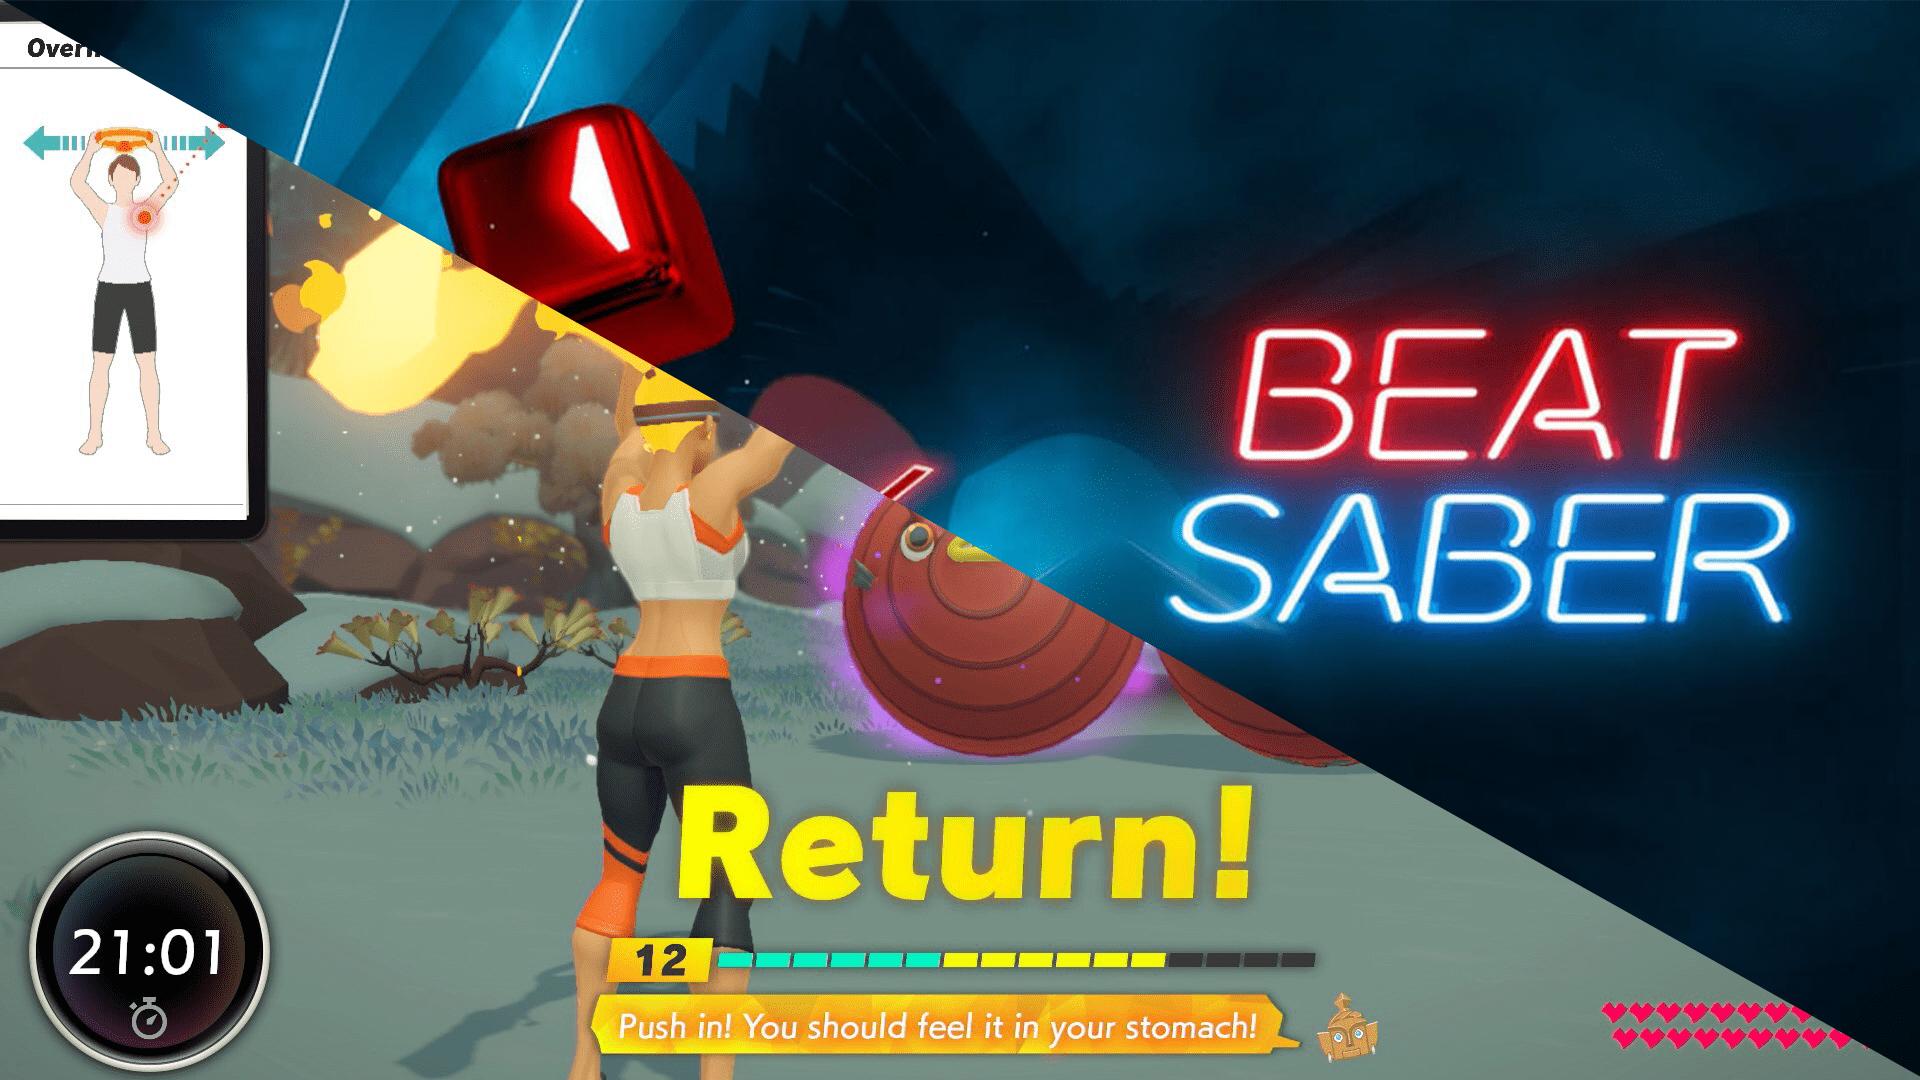 Blijf tijdens corona in beweging met videogames!